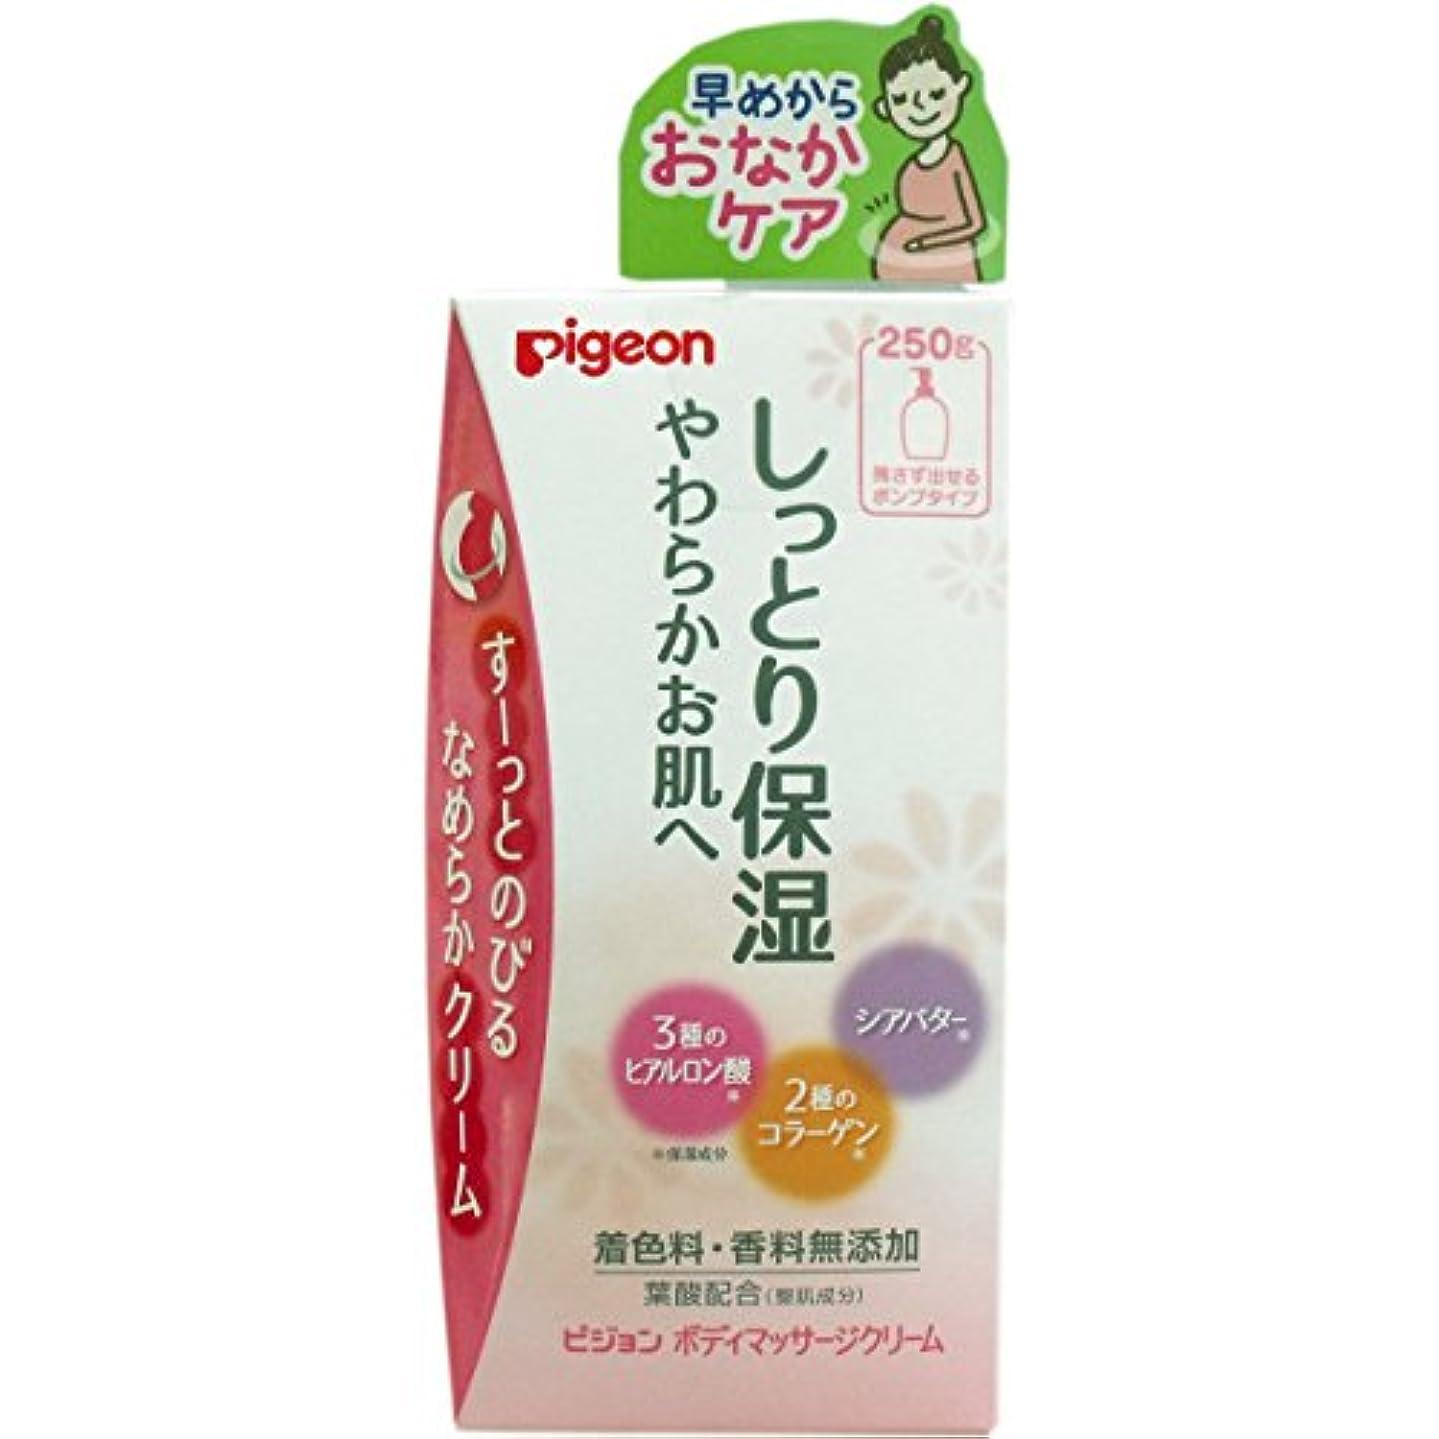 一貫性のない支店眩惑するピジョン ボディマッサージクリーム 250g【4個セット】